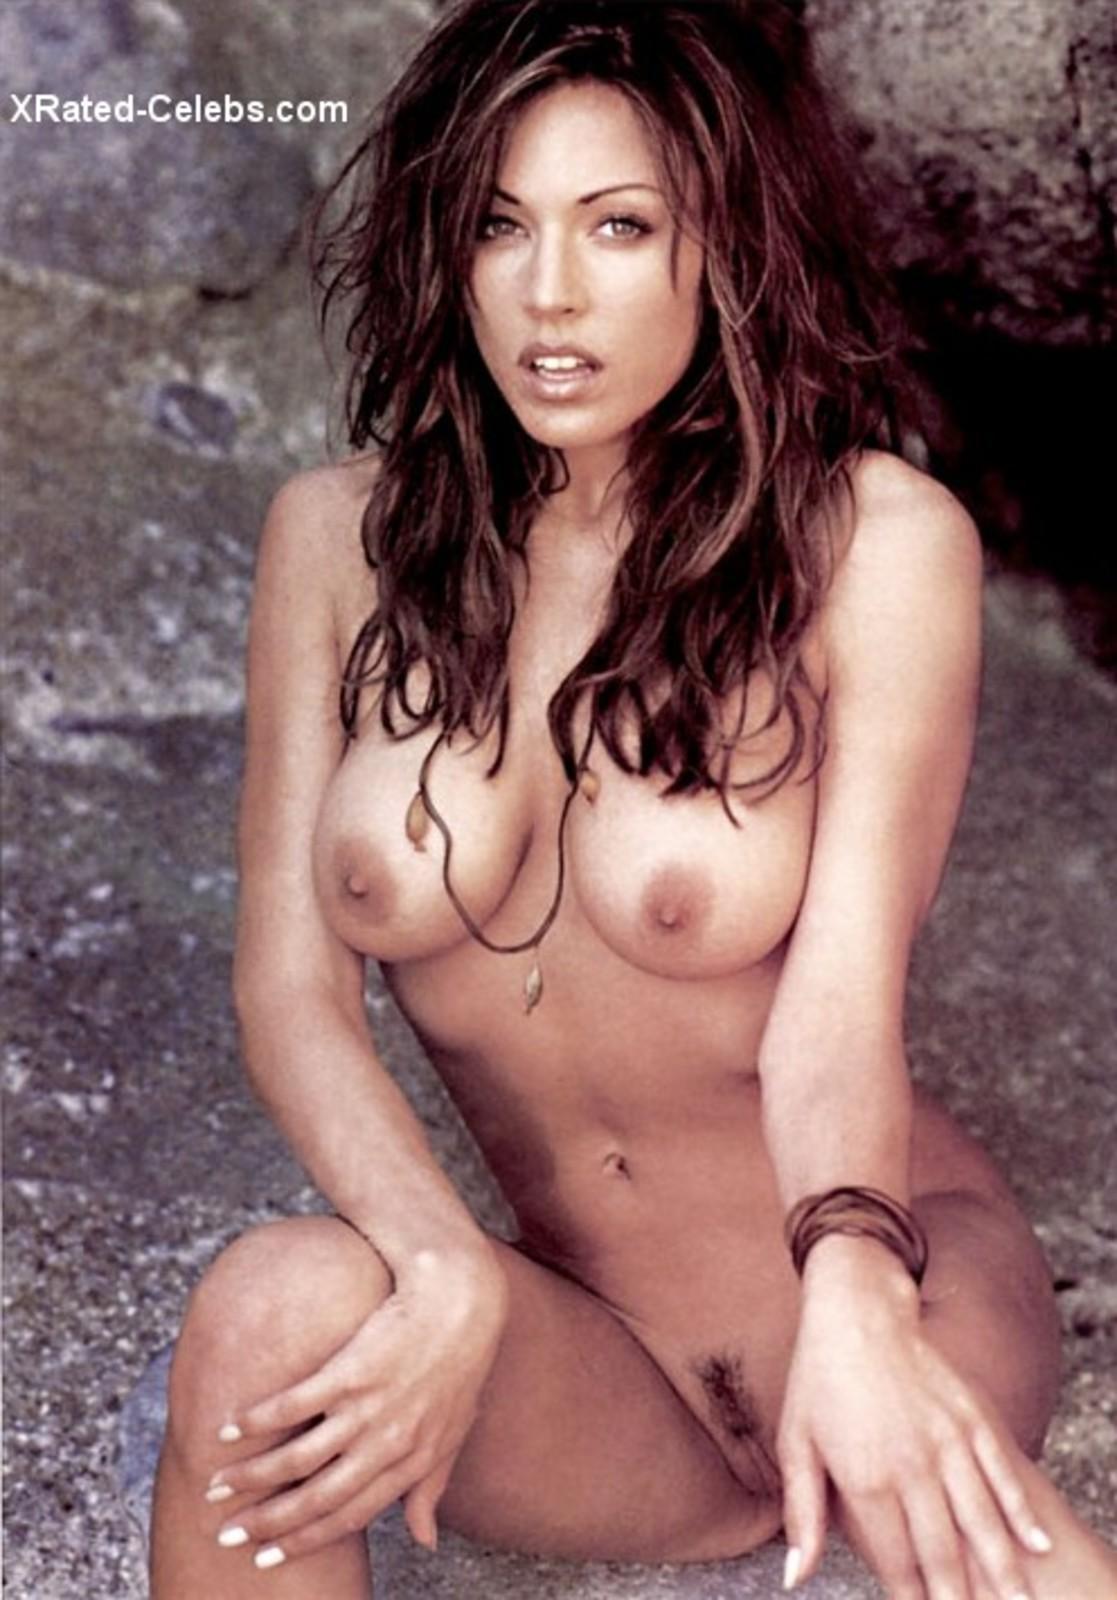 krista allen naked xxx